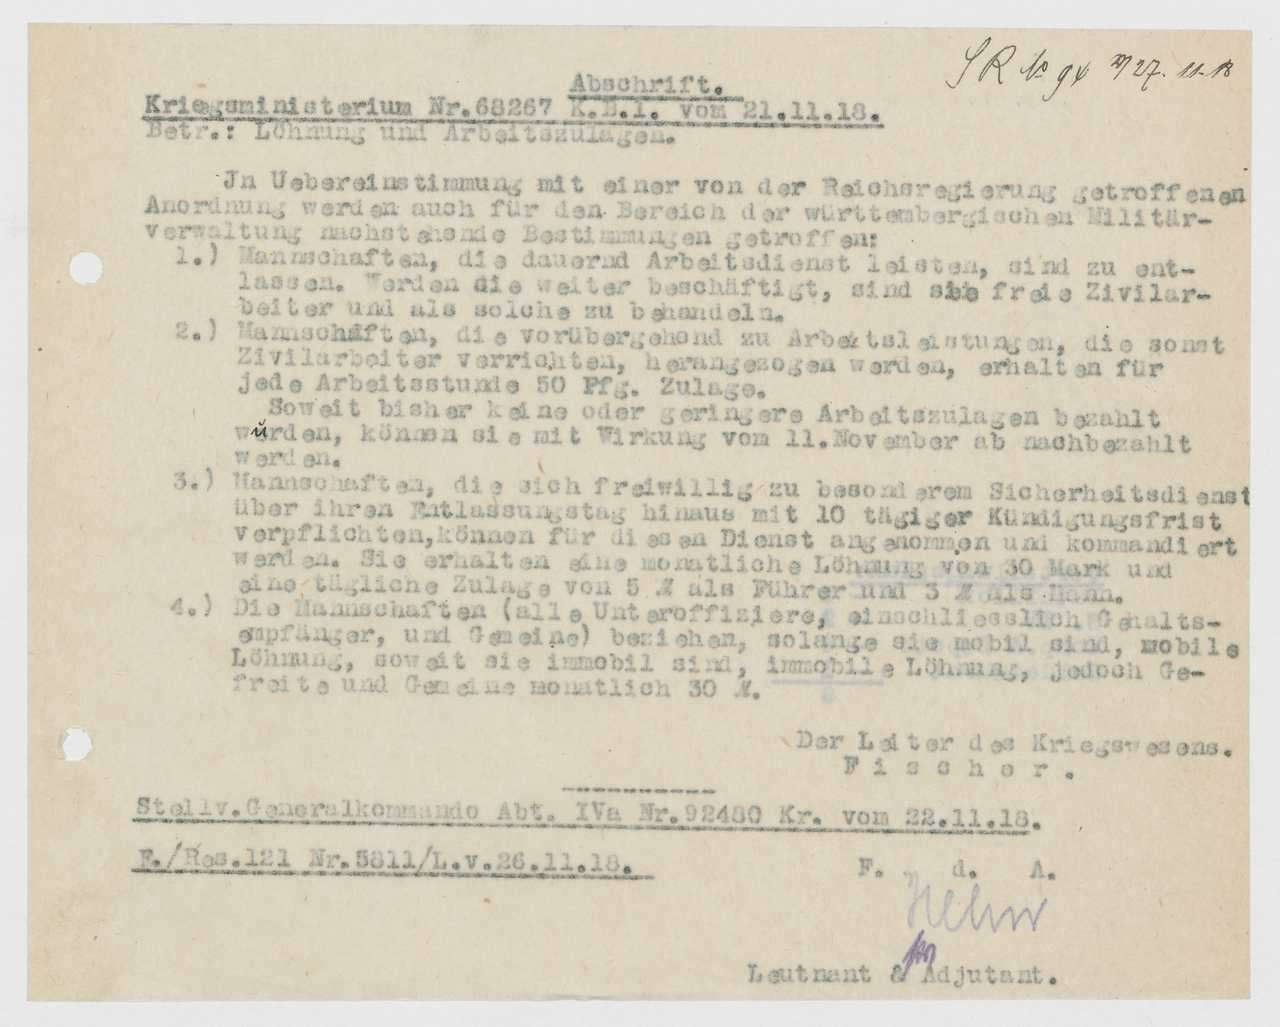 Festlegung der Arbeitszulagen für Unteroffiziere und Mannschaften, Gehälter der auf Privatvertrag angestellten Mannschaften, Bild 3